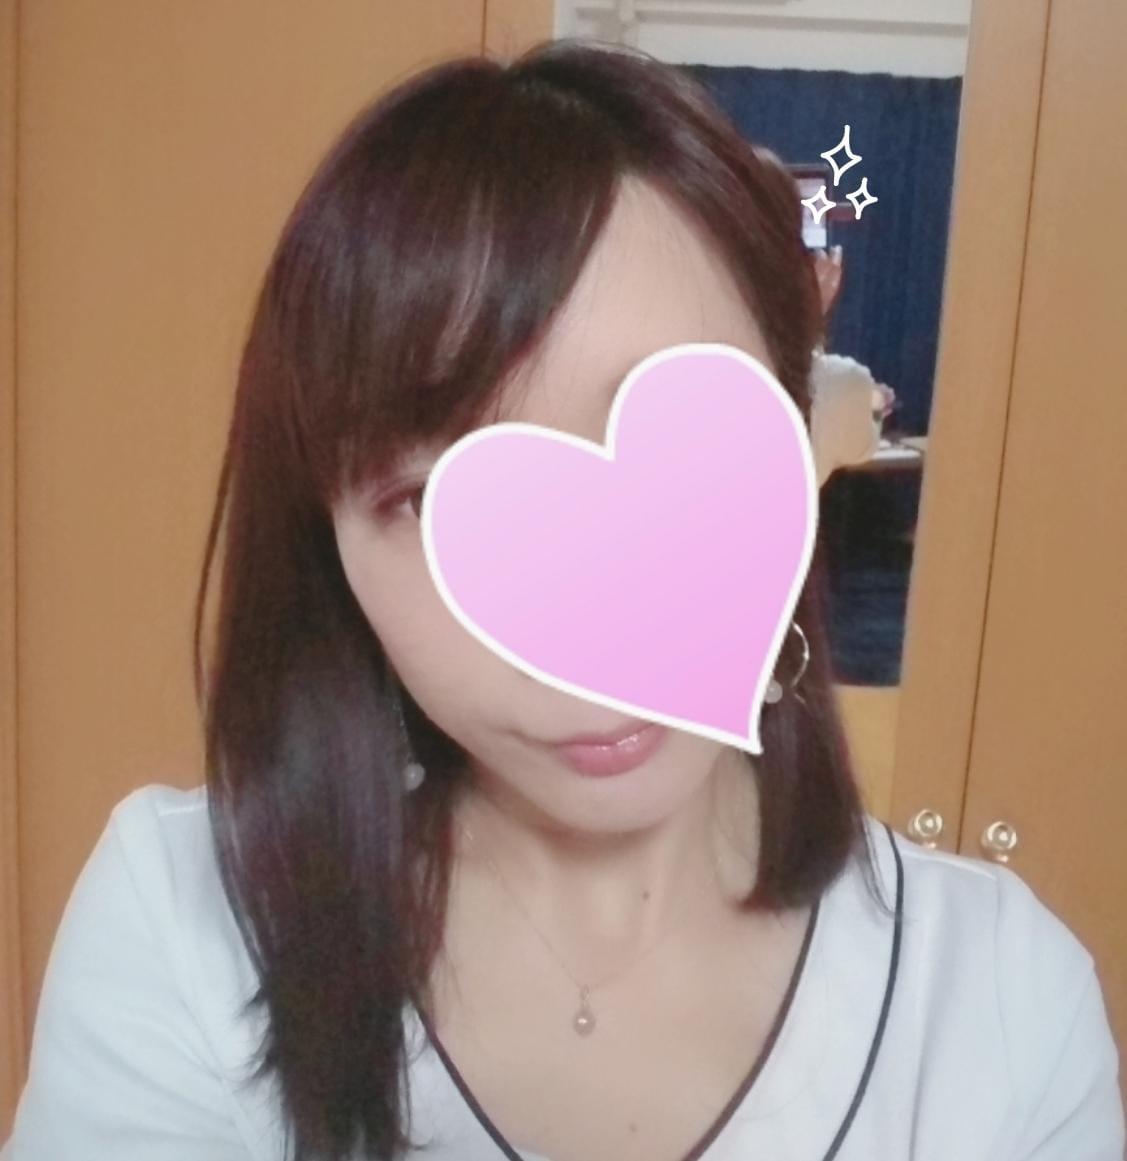 MAI「♡まいです♡」10/17(日) 12:52   MAIの写メ